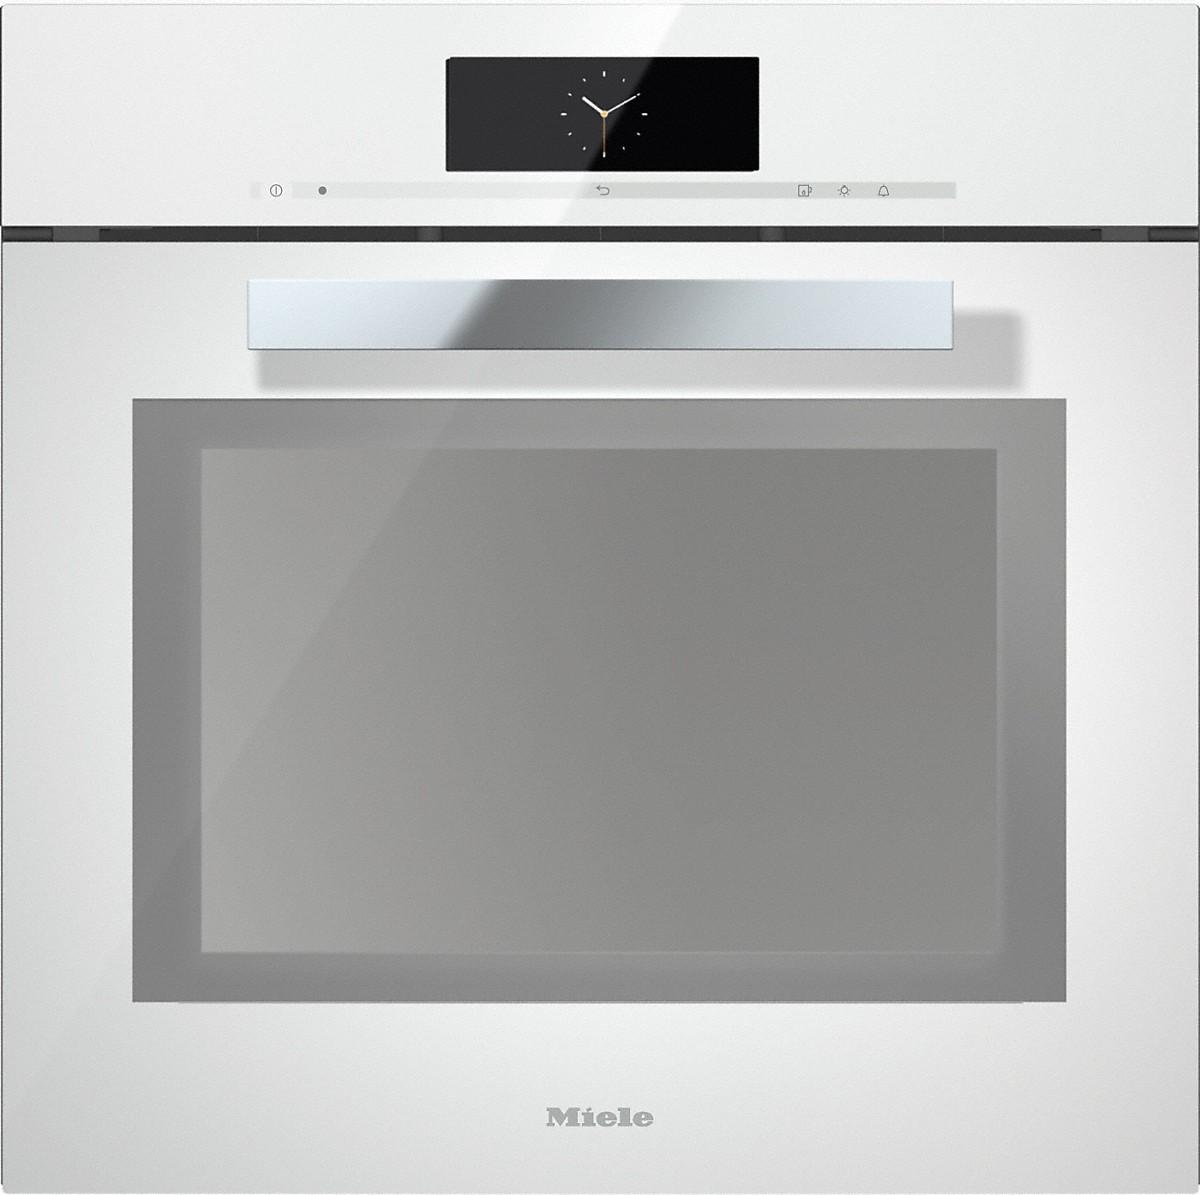 Miele dgc 6860 forno a vapore con modalit forno - Forno tradizionale microonde ...